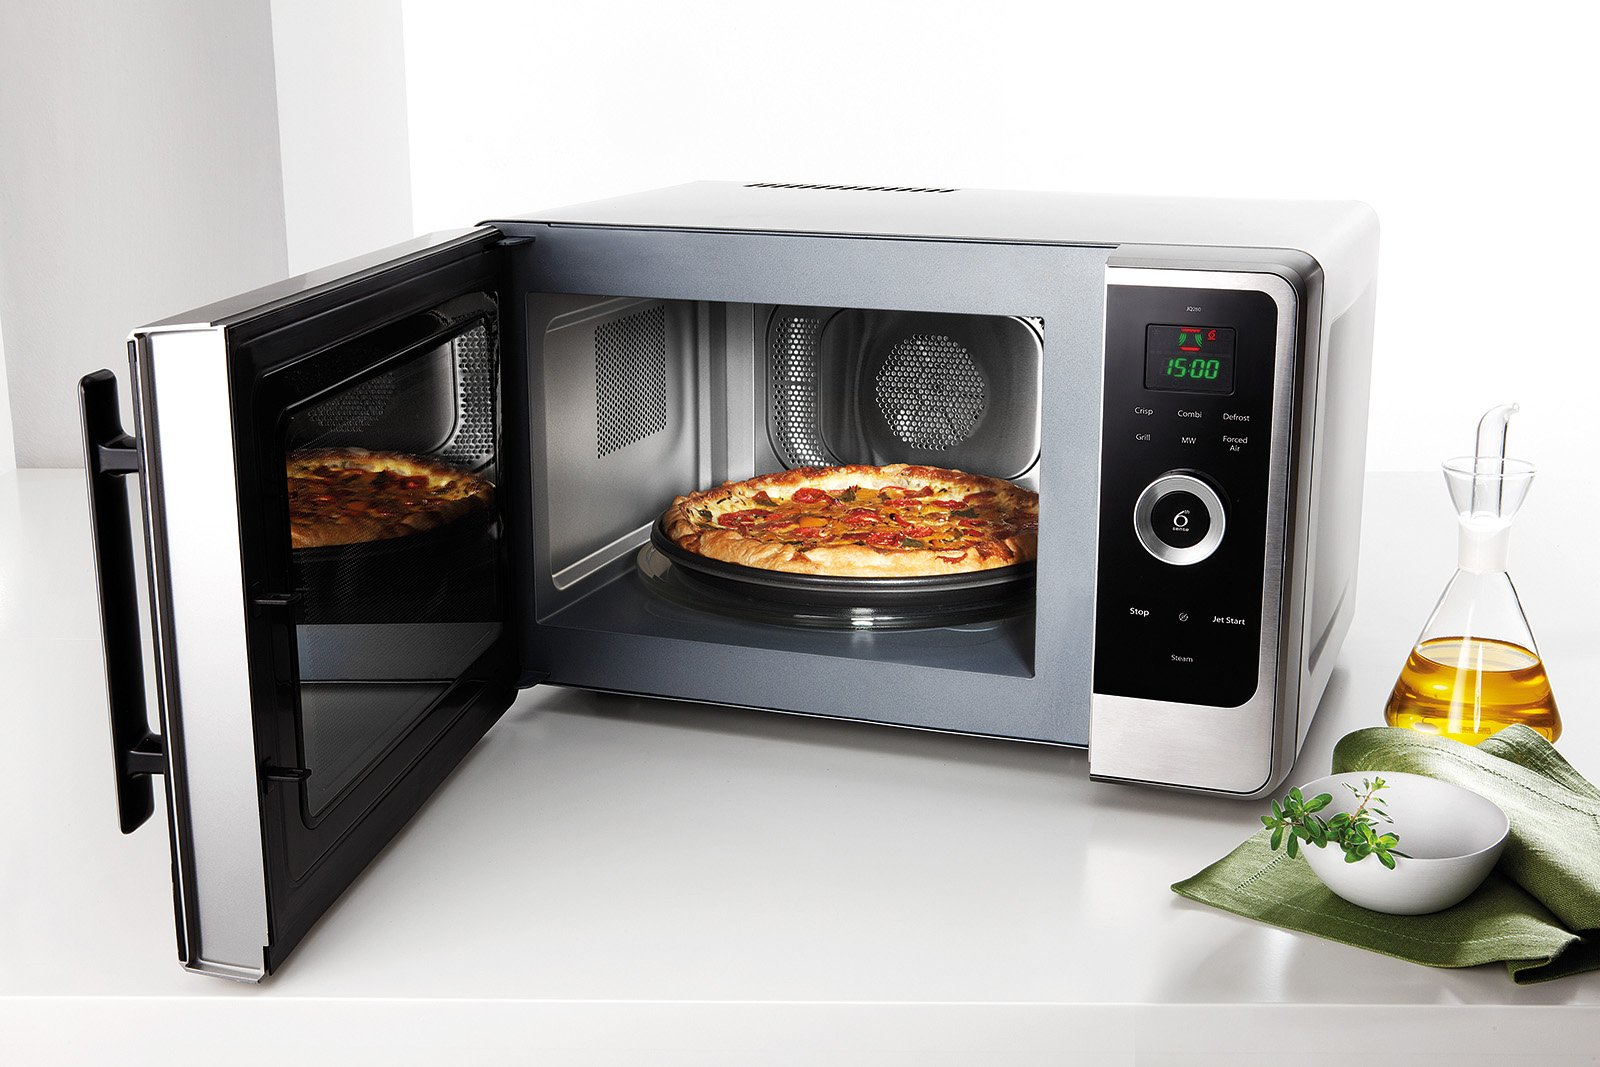 Microonde il forno che ha cambiato tutto anche in termini di risparmio cose di casa - Forno e microonde insieme whirlpool ...